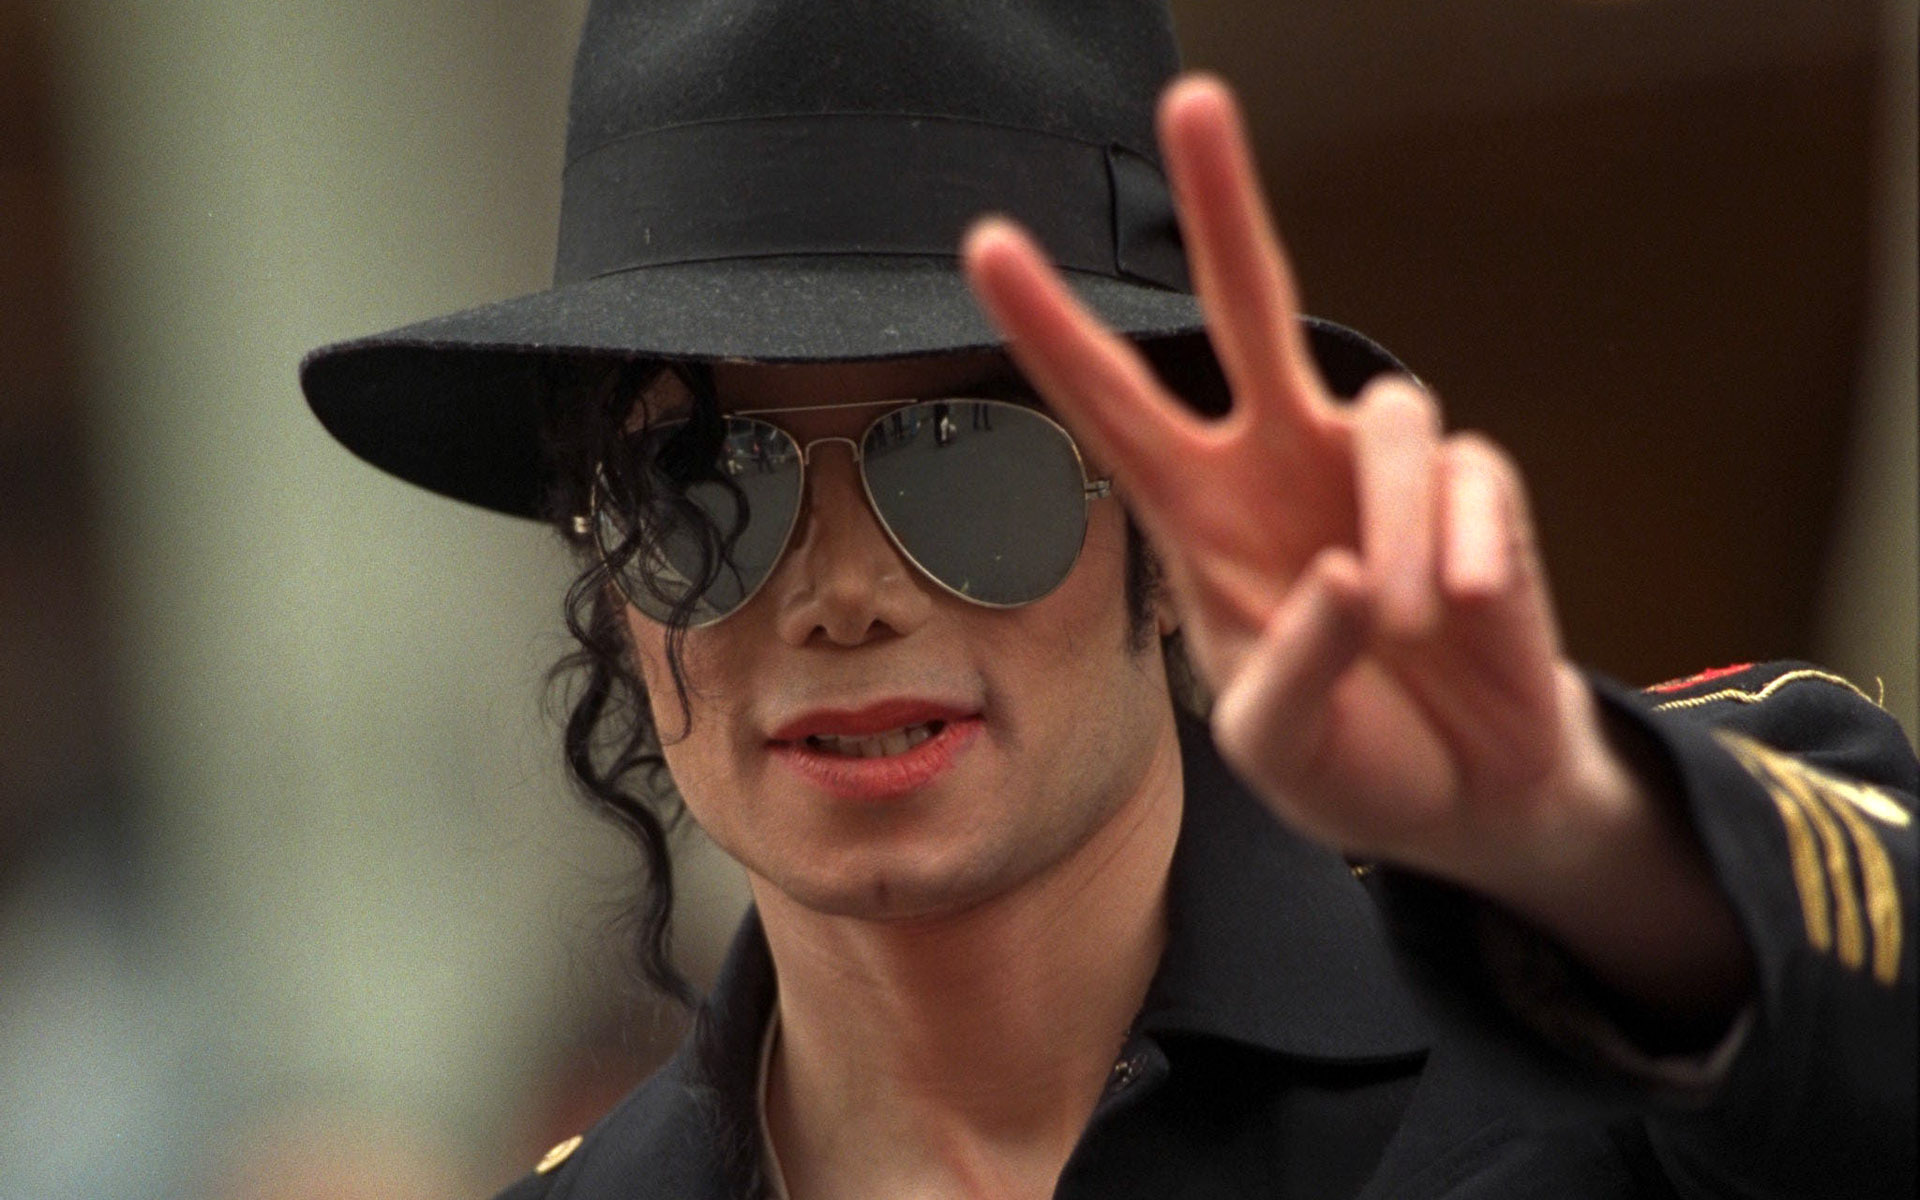 迈克尔杰克逊MJ生活照高清图片素材 15P